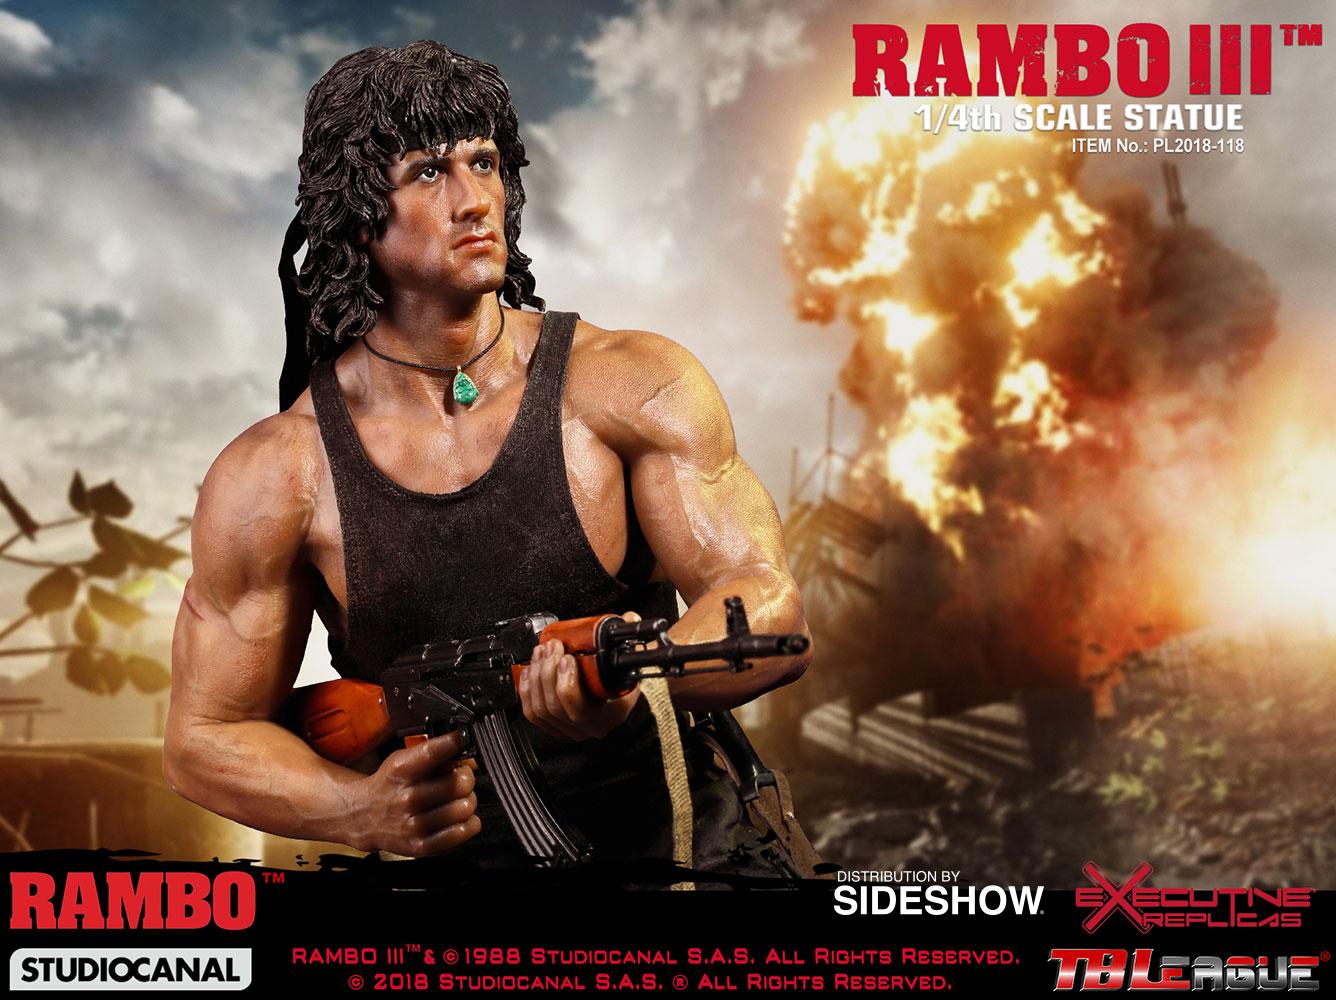 Rambo Rambo III Statue by Phicen